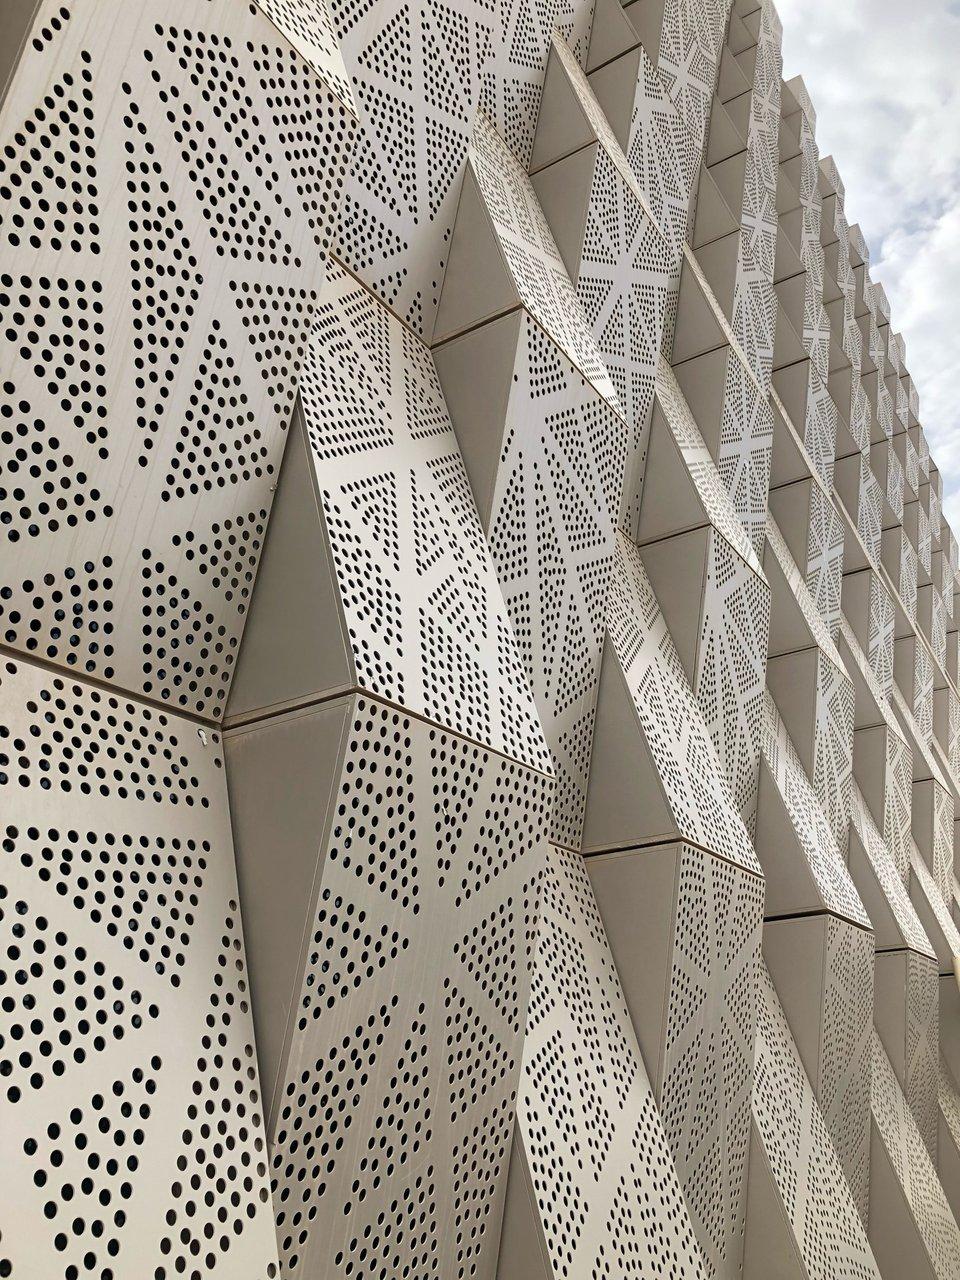 Riyadh Techno Valley